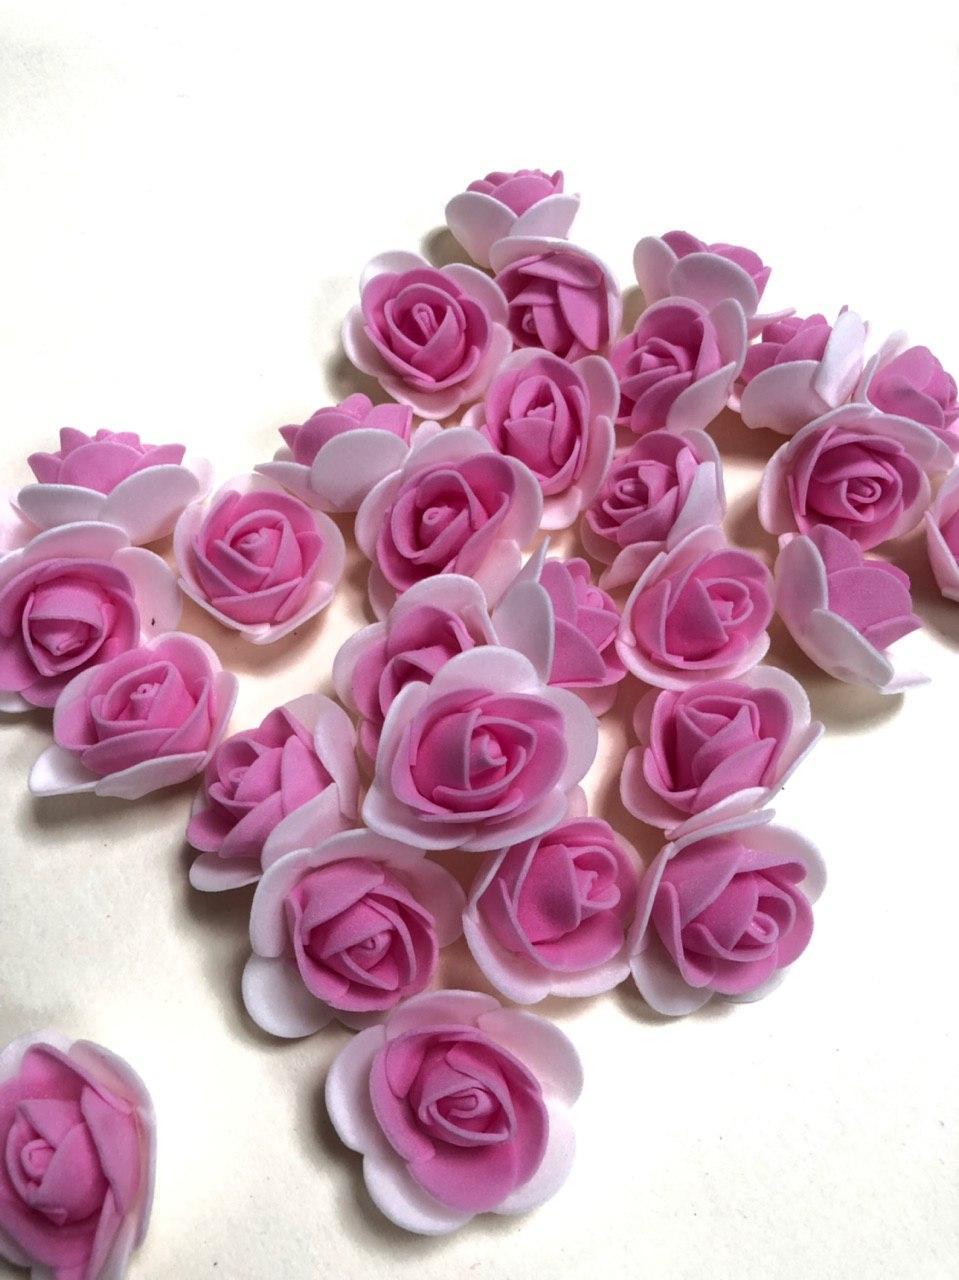 Розы из латекса, 2х цветные, розовый с белым (ФОМ, FOAM) 500 шт пачка (для мишек)